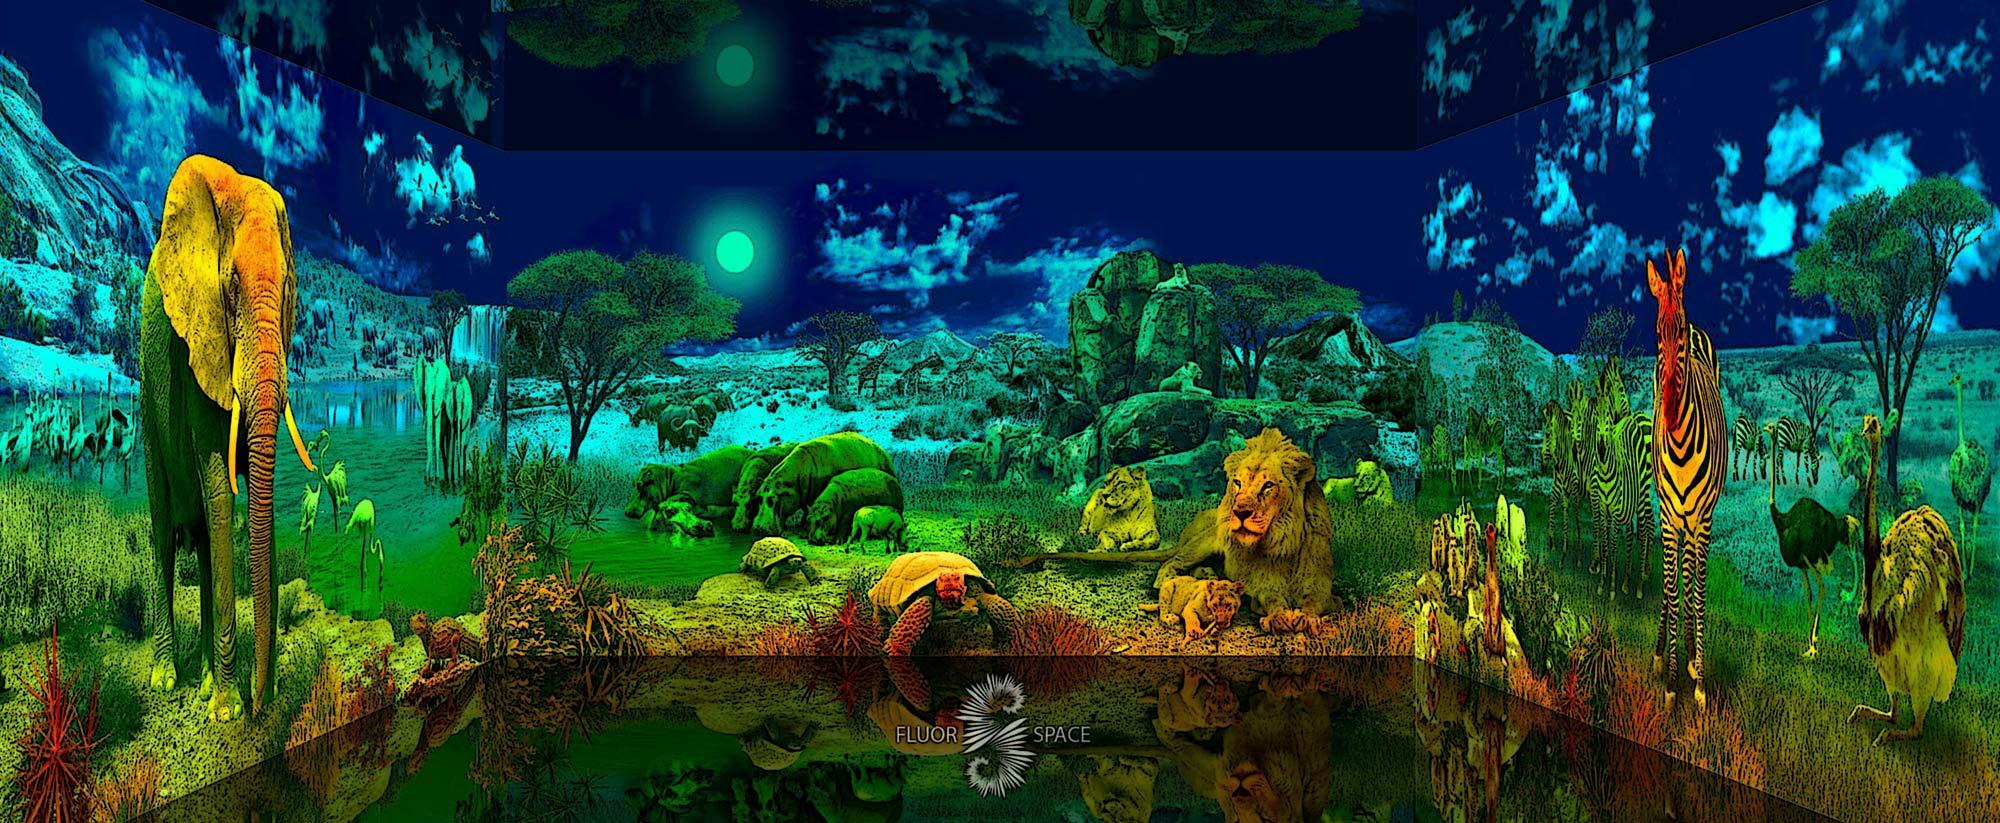 Африканская саванна - флуоресцентные хроматические 3D декорации